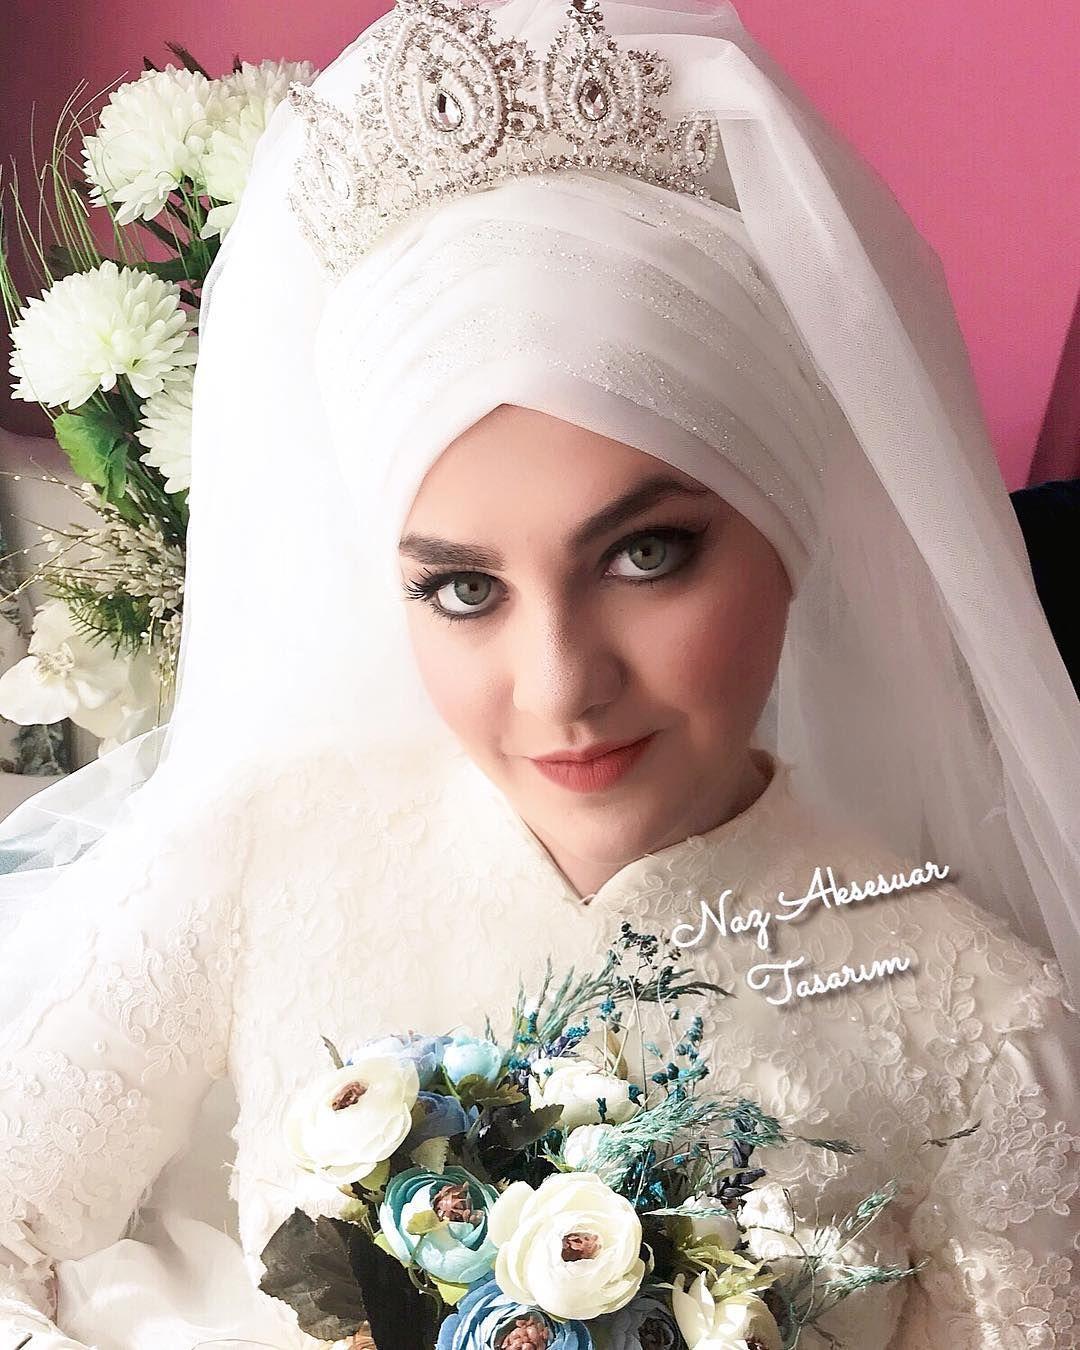 599daf65b0e66 En Sik Gelin Basi Hazir Duvak Modelleri 1 | www.tesetturelbisesi.com ...